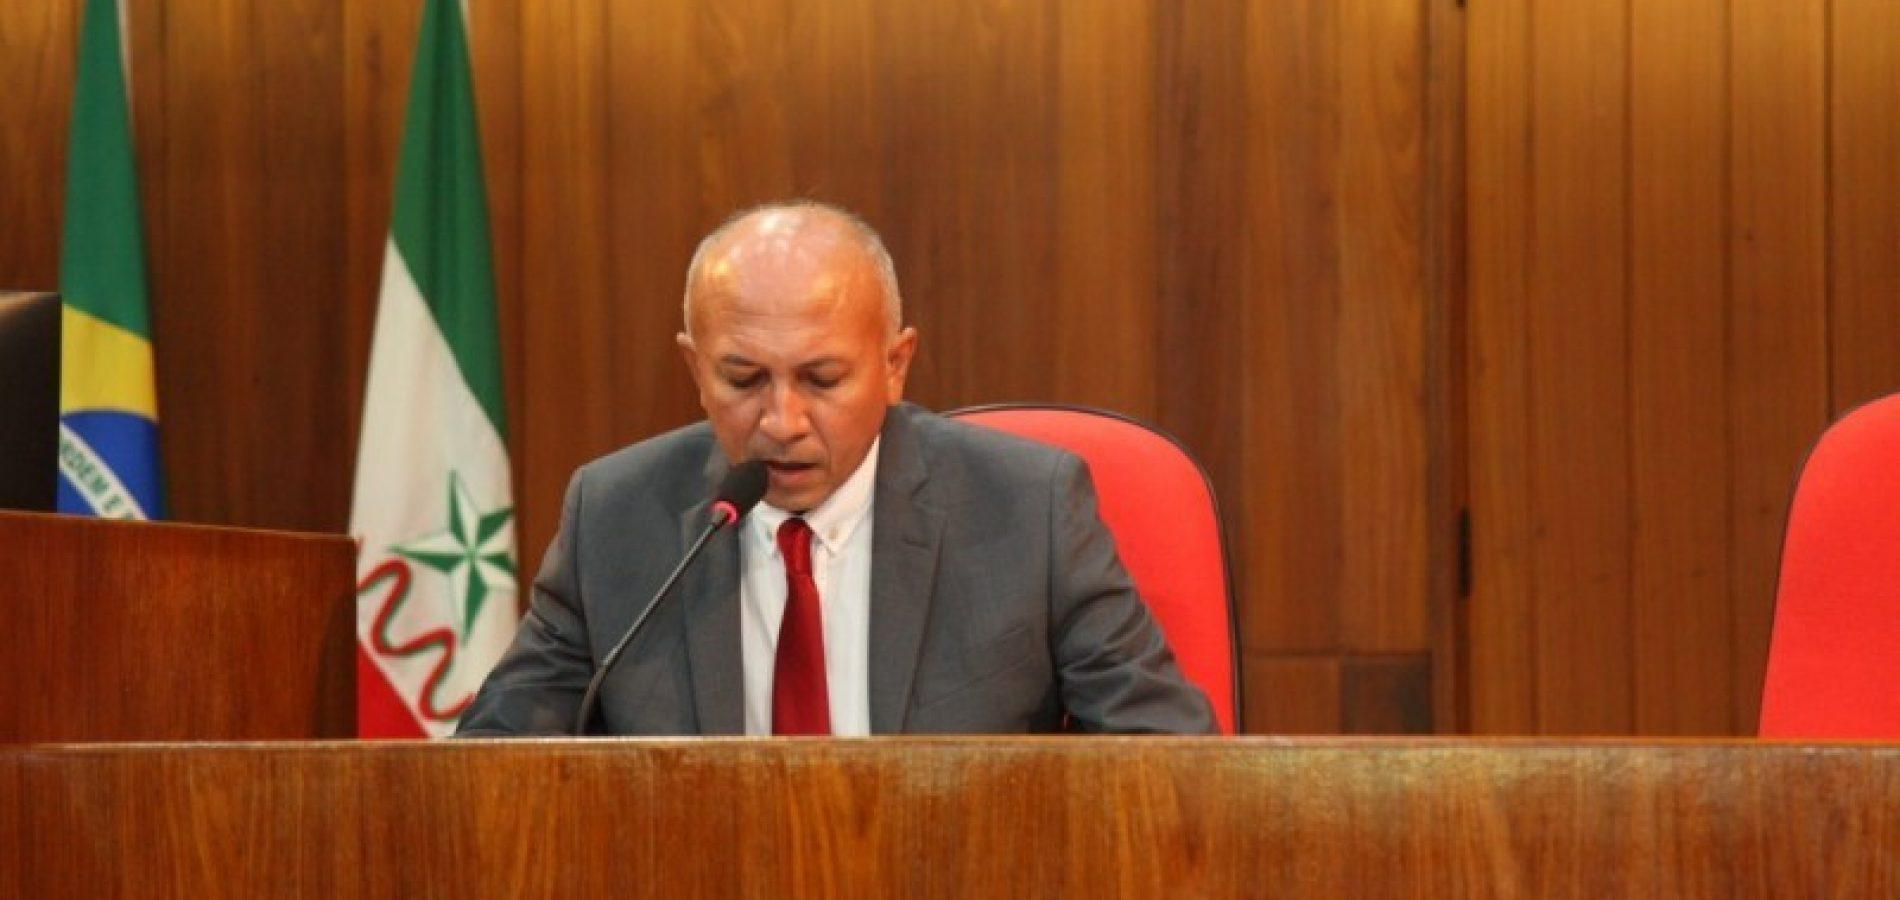 Aprovado requerimento para o debate sobre situação do Esporte no Piauí